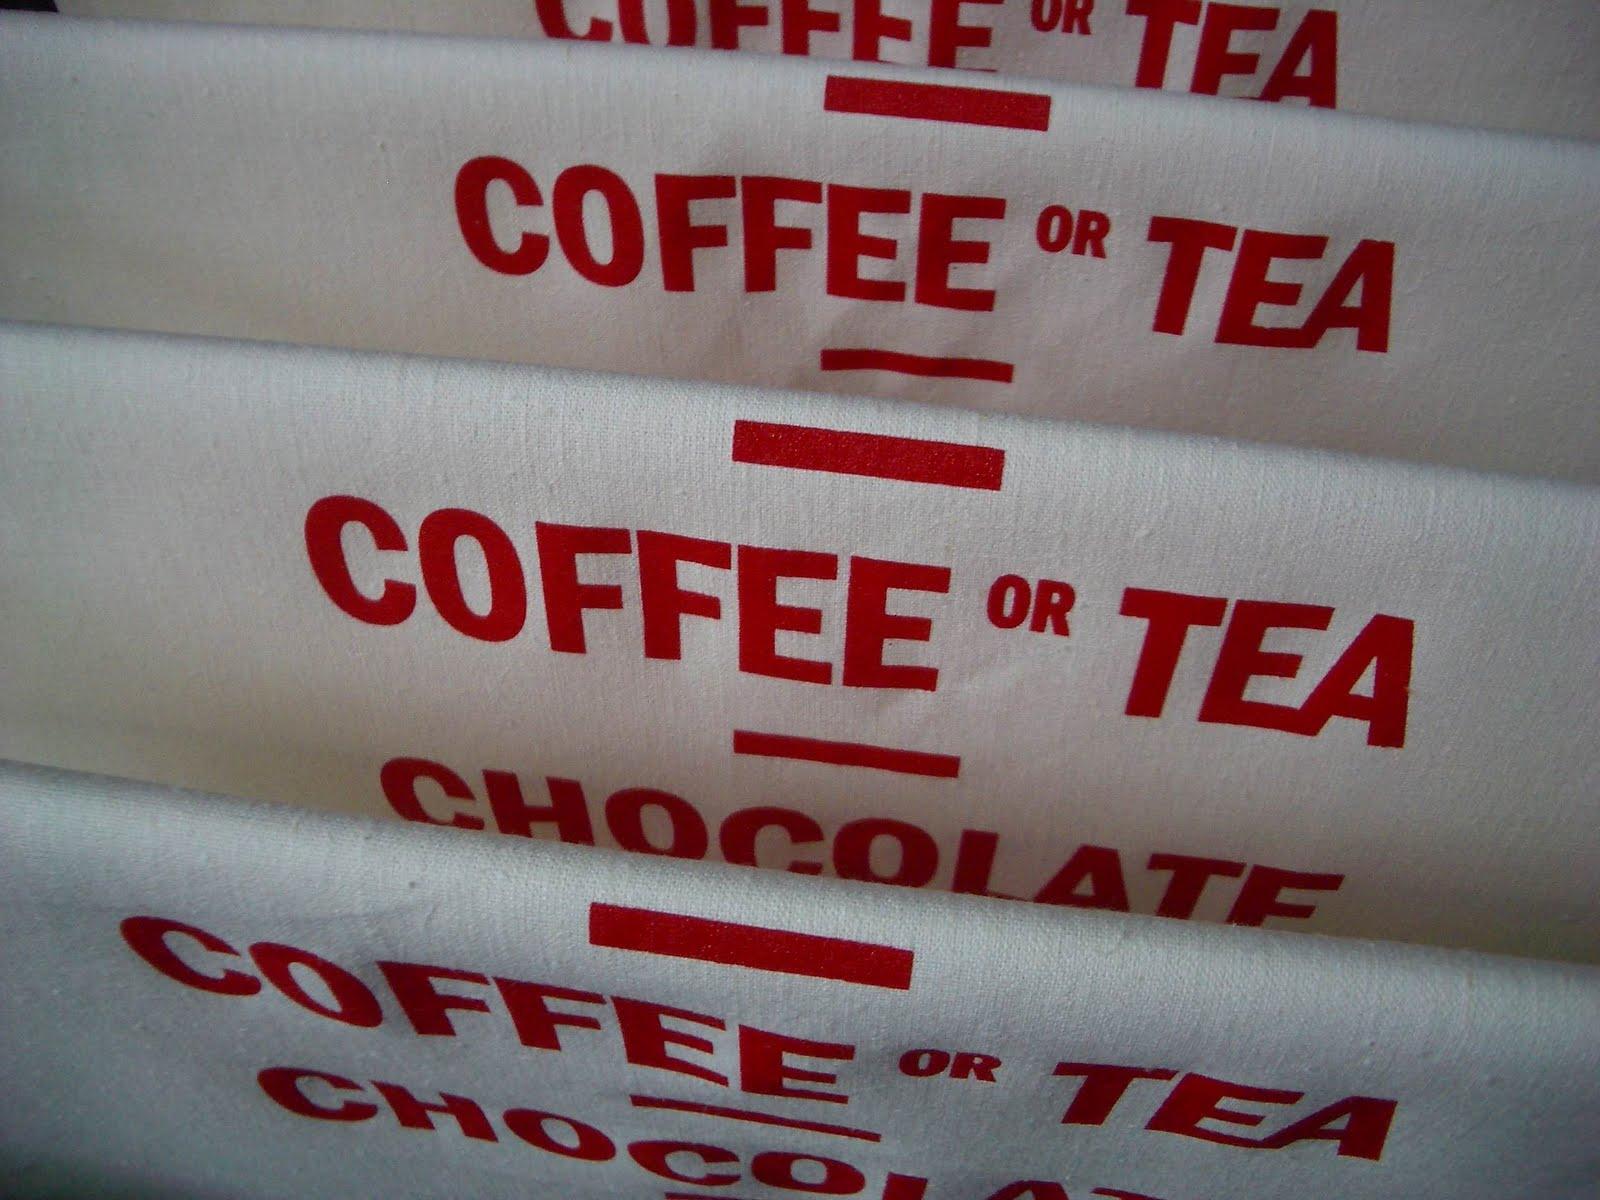 http://2.bp.blogspot.com/_NjcVQsF1eIo/TBHN1jdAprI/AAAAAAAABNA/lTxRqq5meNc/s1600/Coffee+or+Tea.jpg